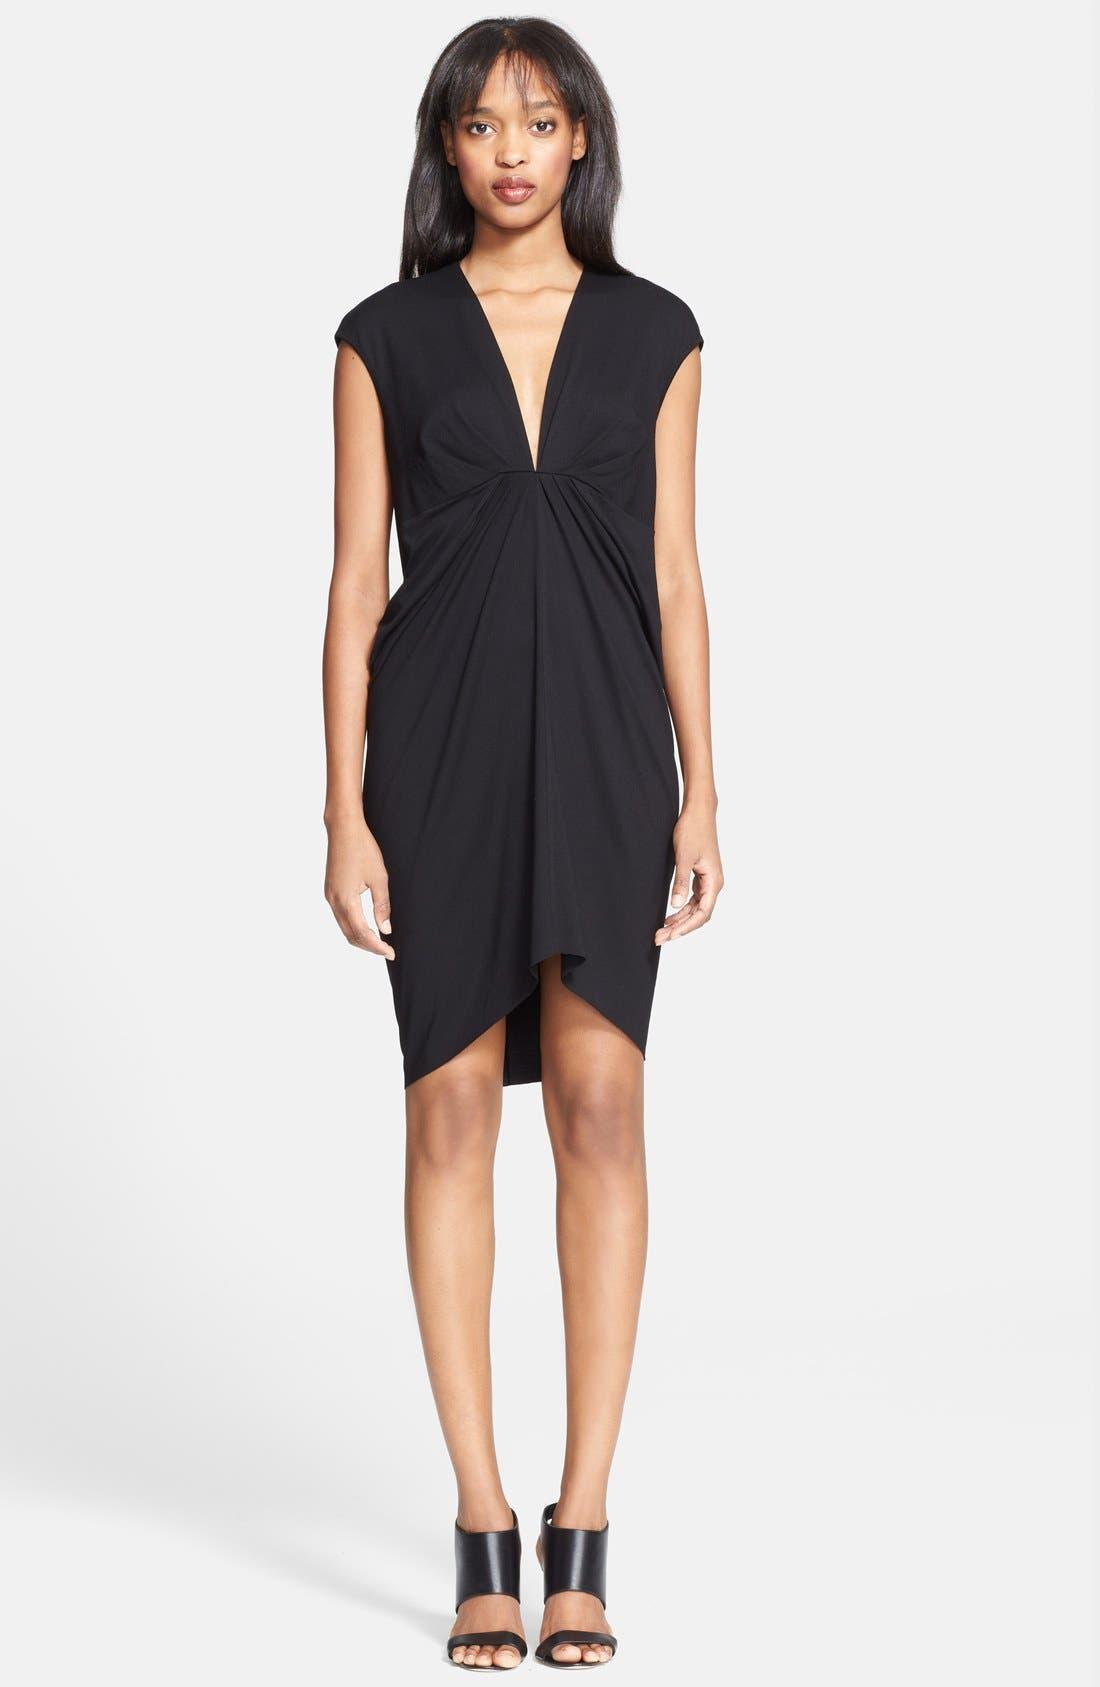 Alternate Image 1 Selected - Robert Rodriquez V-Neck Jersey Dress